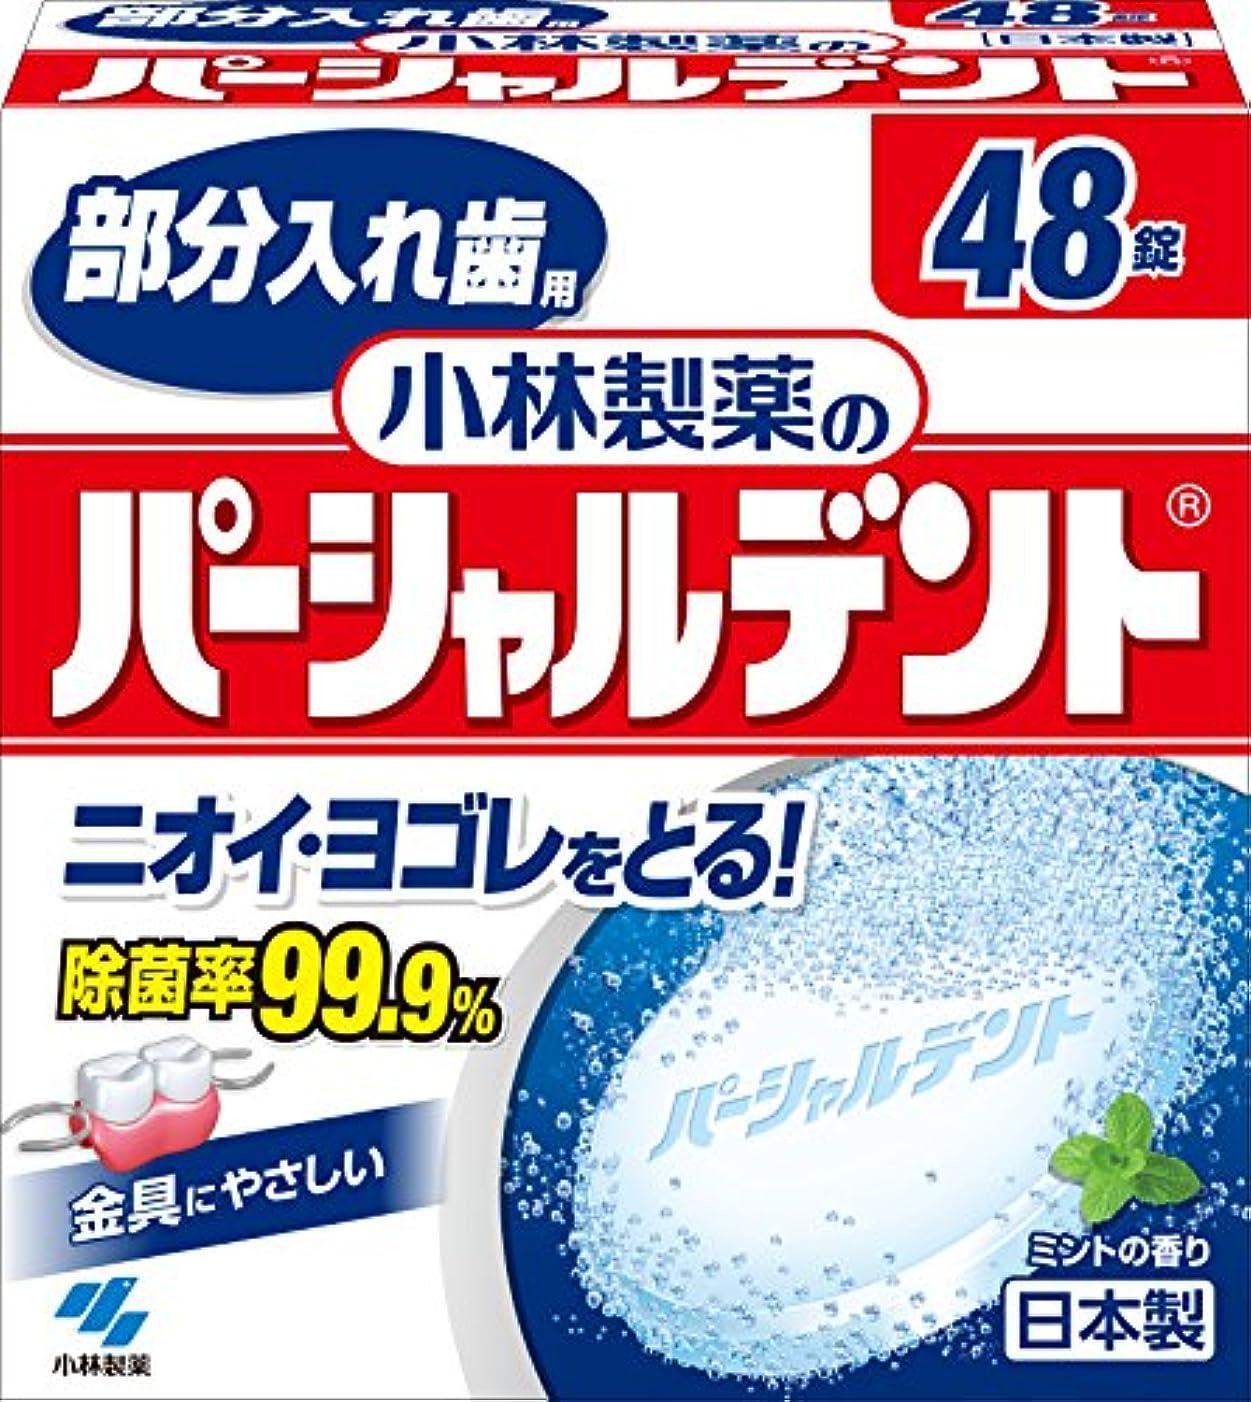 教師の日バンジージャンプどっち小林製薬のパーシャルデント 部分入れ歯用 洗浄剤 ミントの香 48錠